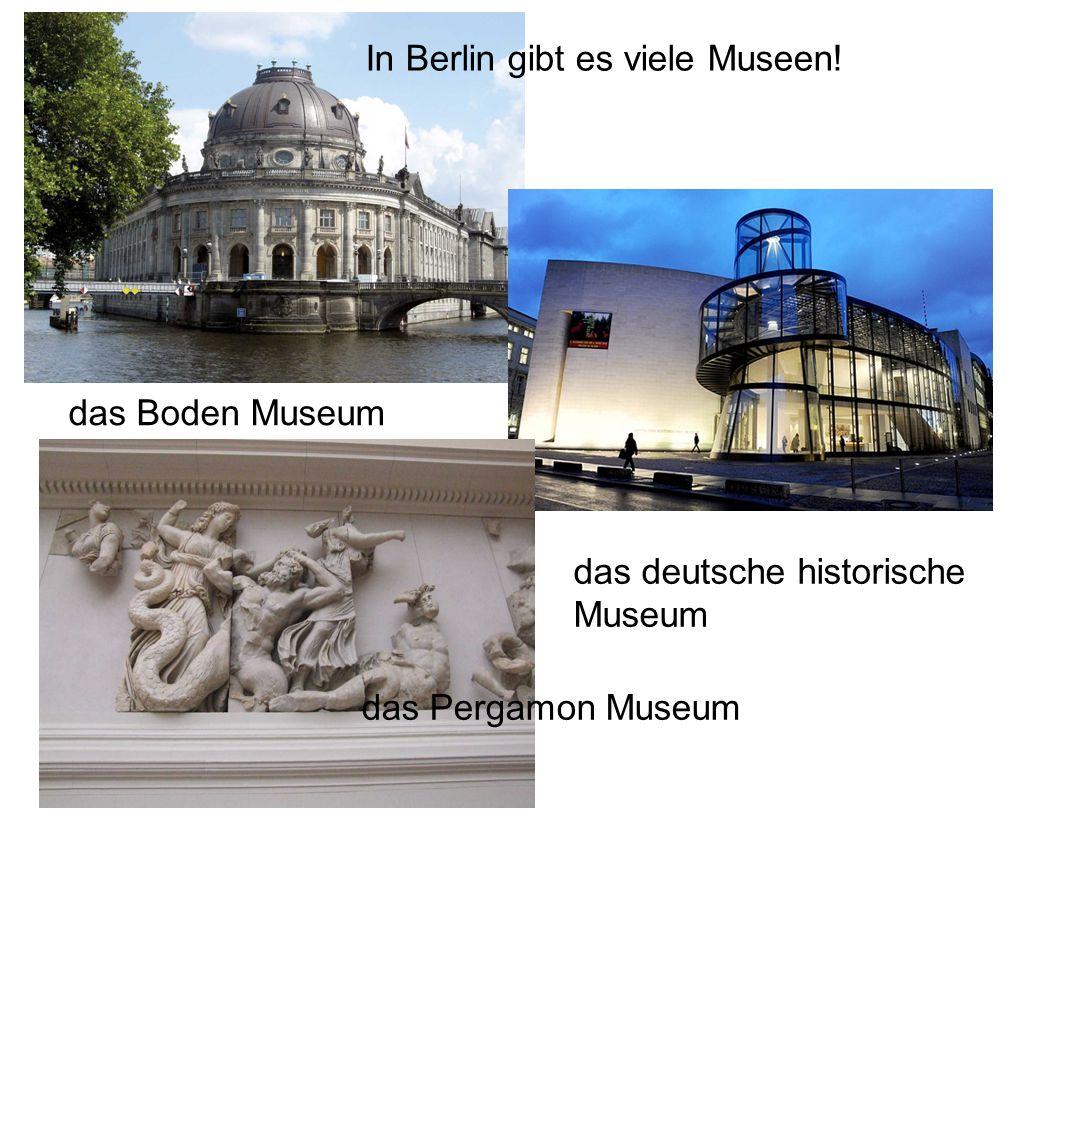 das Boden Museum das Pergamon Museum das deutsche historische Museum In Berlin gibt es viele Museen!